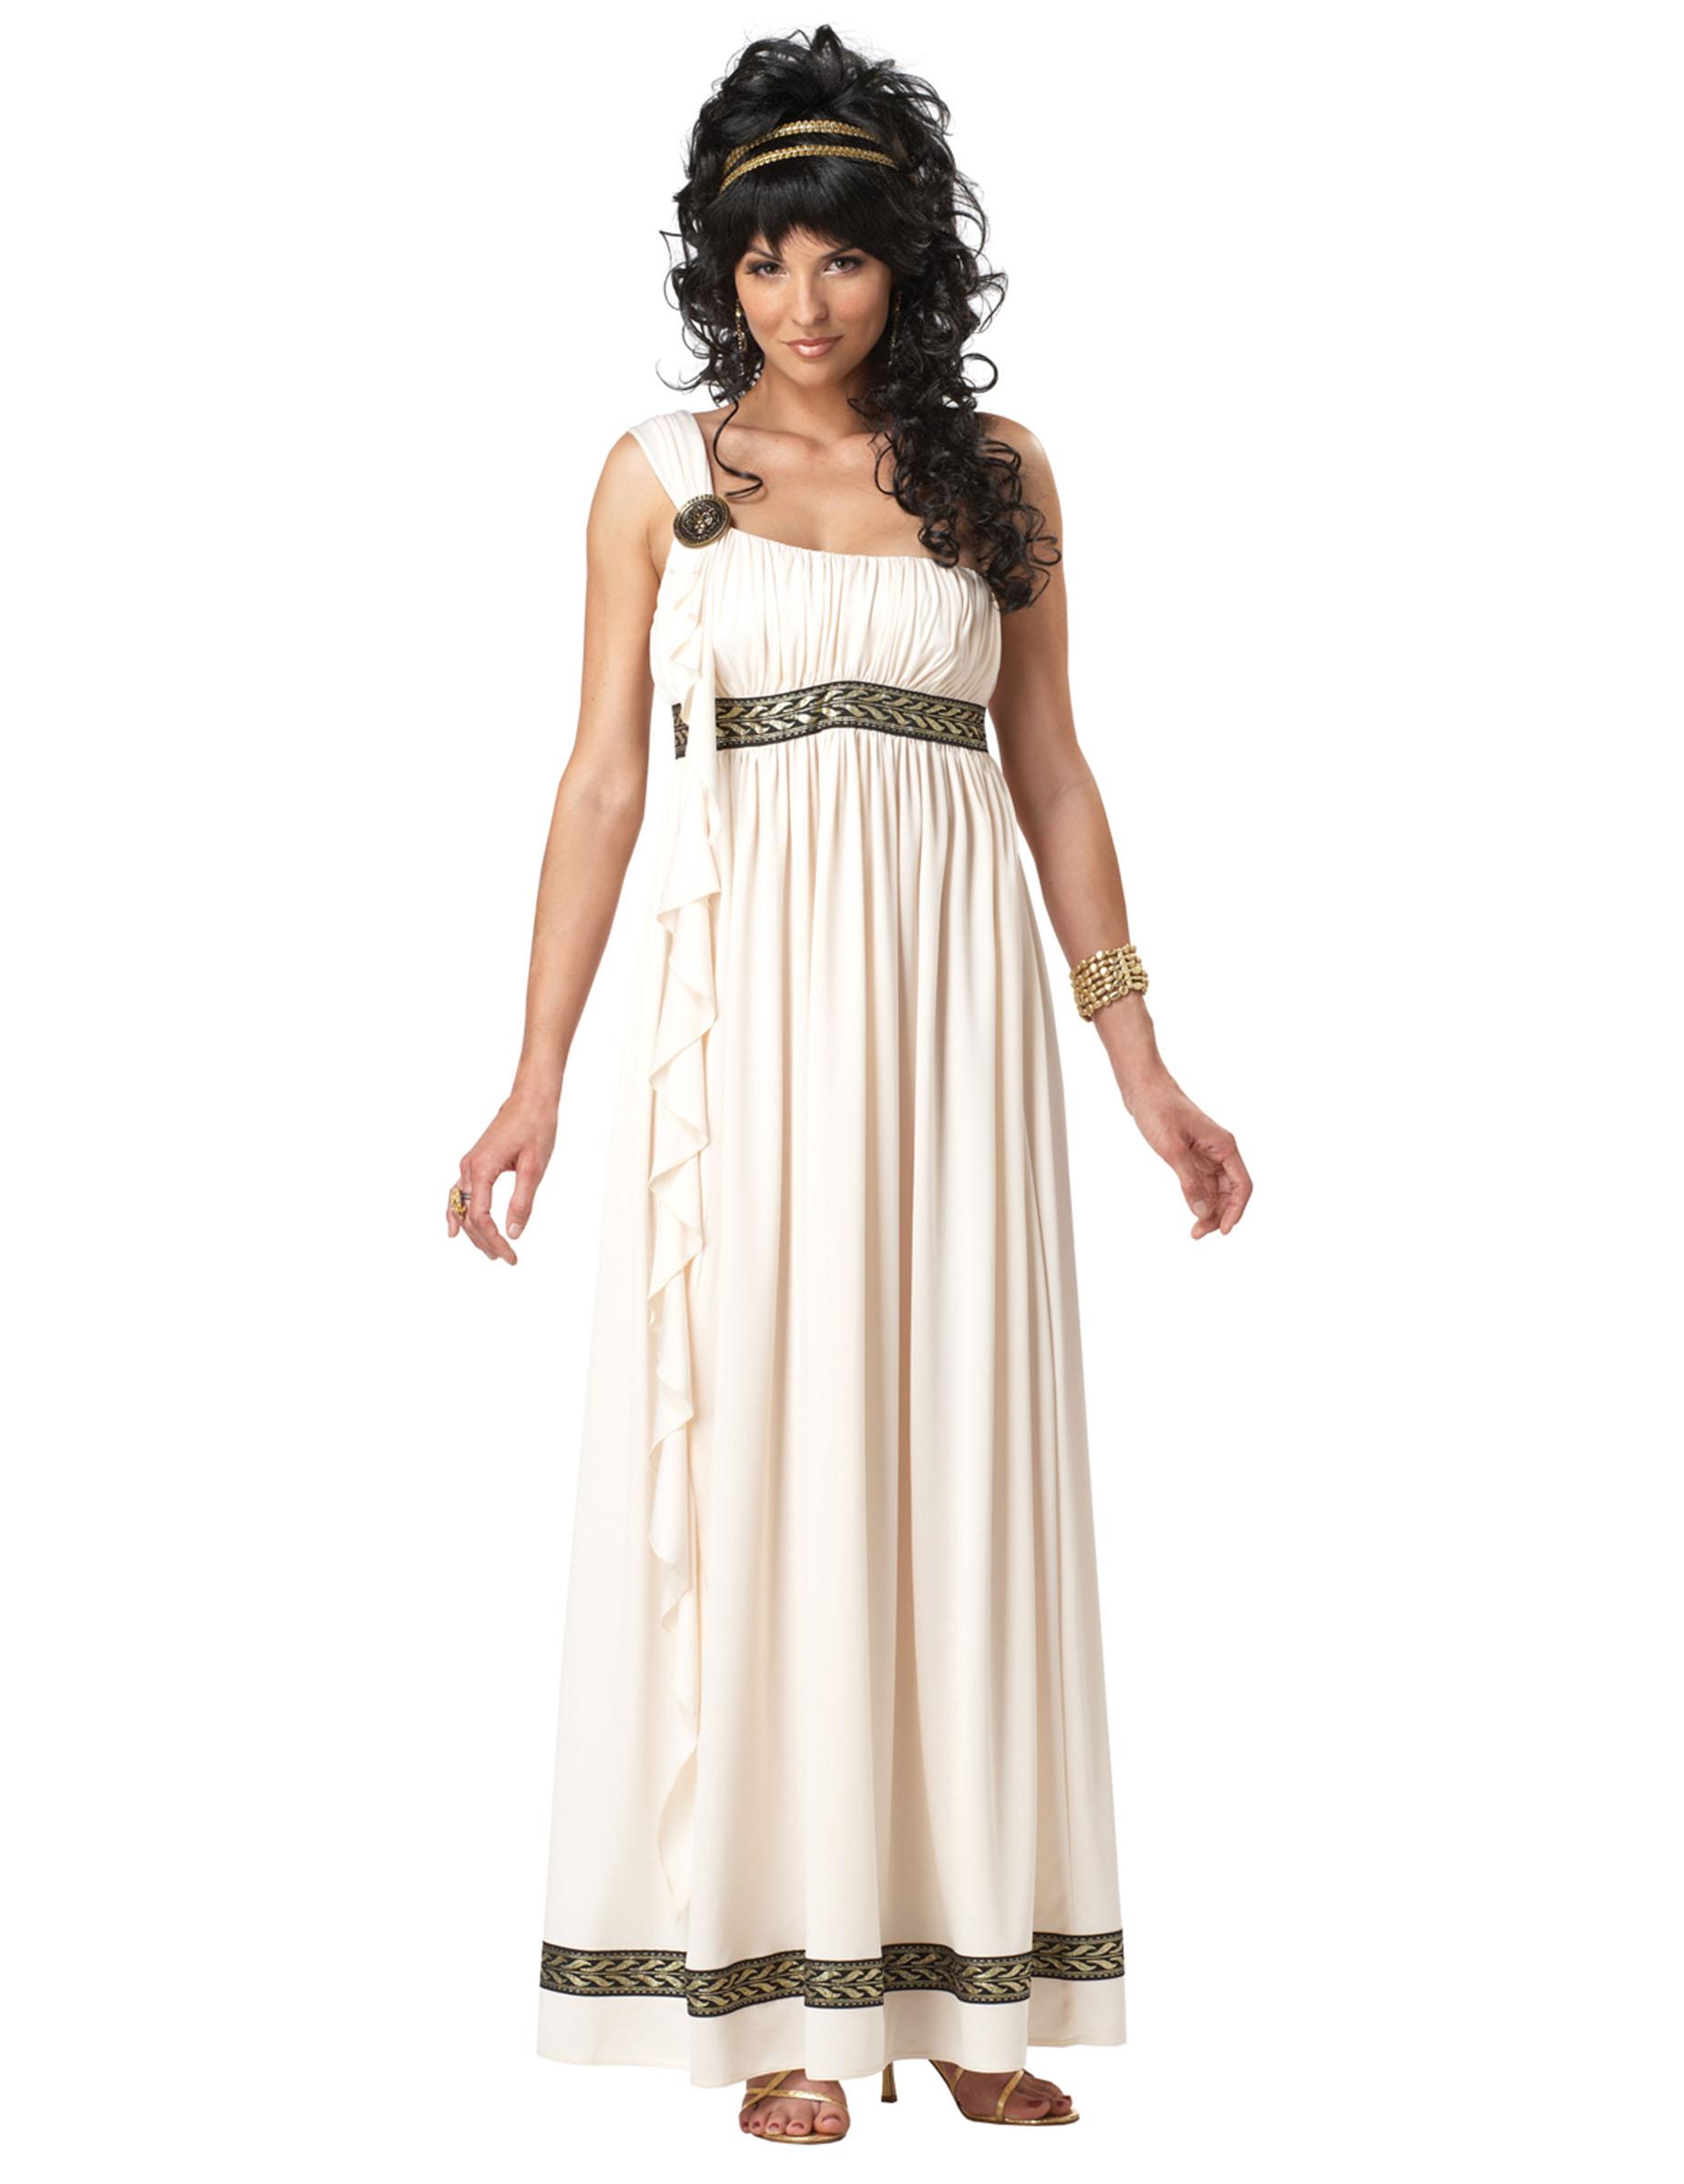 græsk gudinde